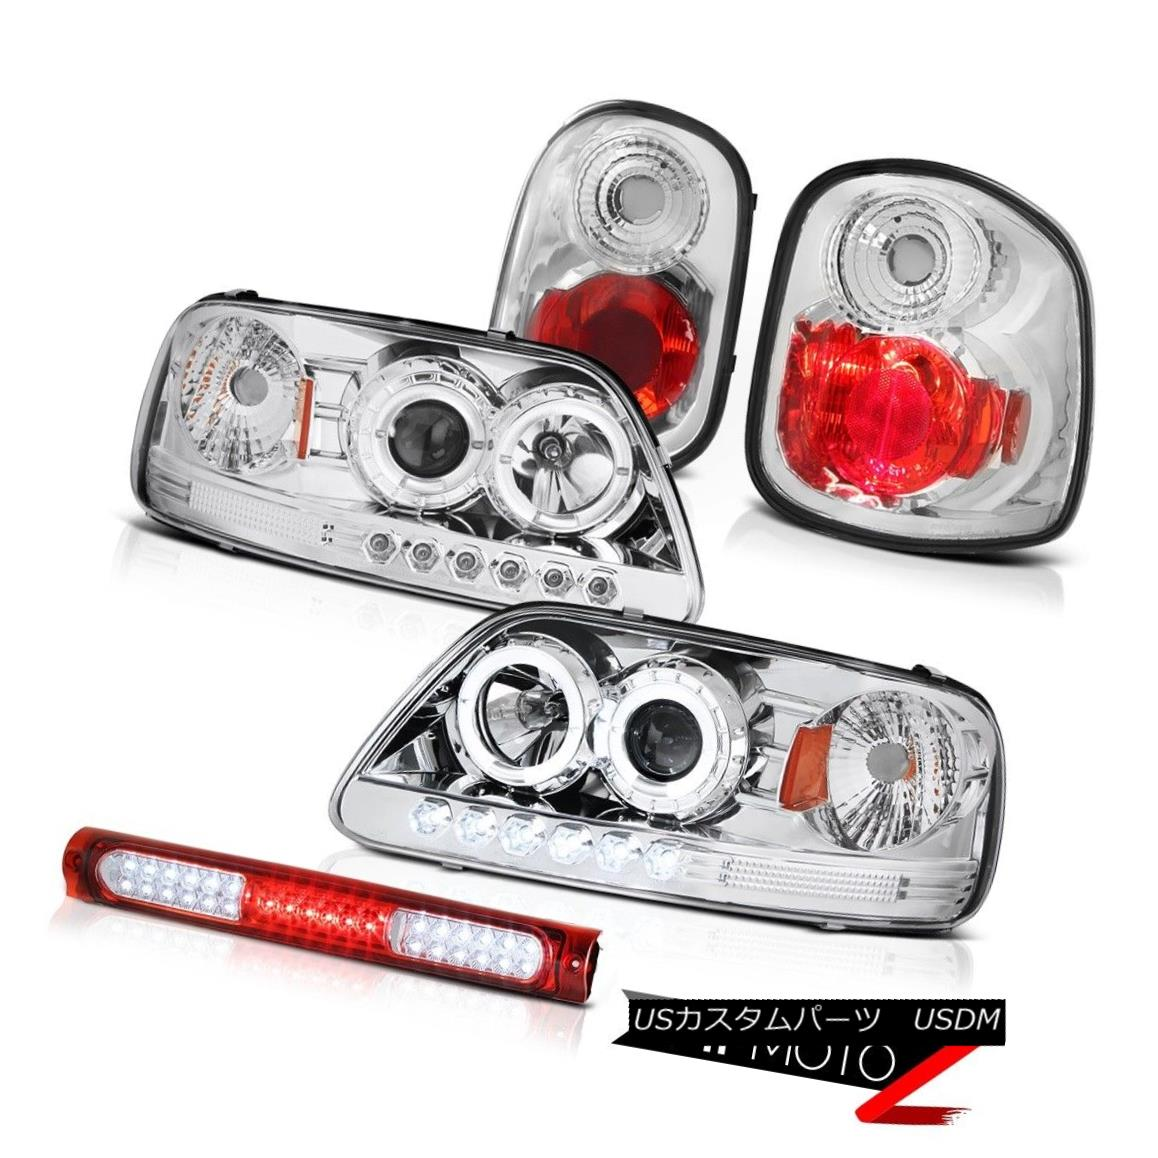 ヘッドライト Angel Eye Projector Headlights Euro Tail Lights LED Red 97-00 F150 Flareside XLT エンジェルアイプロジェクターヘッドライトユーロテールライトLEDレッド97-00 F150 Flareside XLT